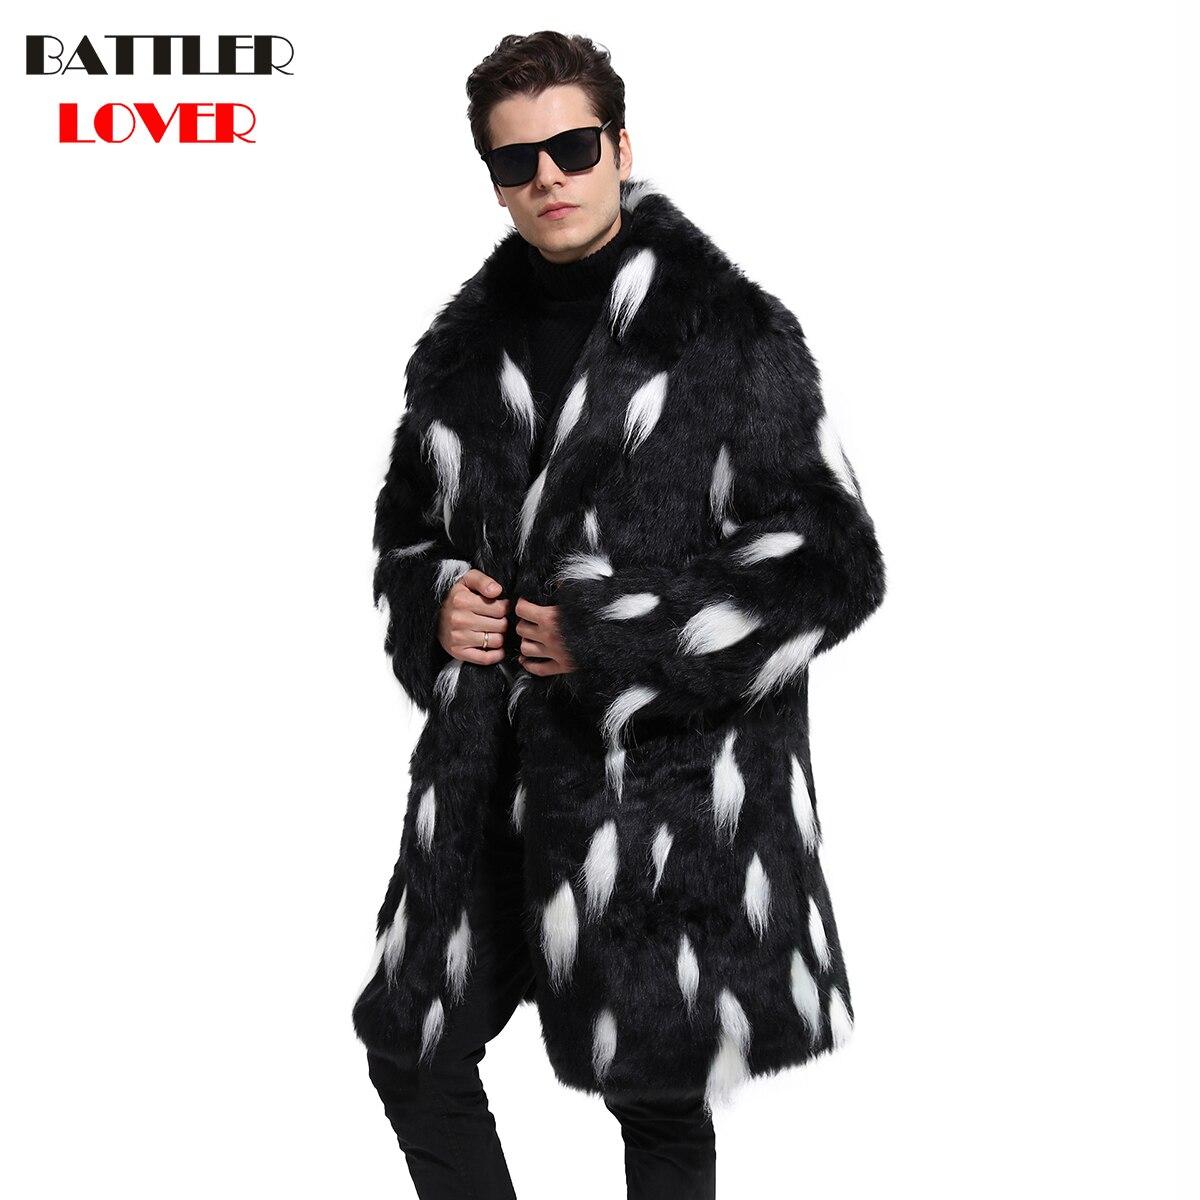 2018 Mens Fur Coat Winter Warm Outwear Coats Faux Fur Men Punk Parkas Jackets Hombre Leather Overcoat Genuine Fur Brand Clothing